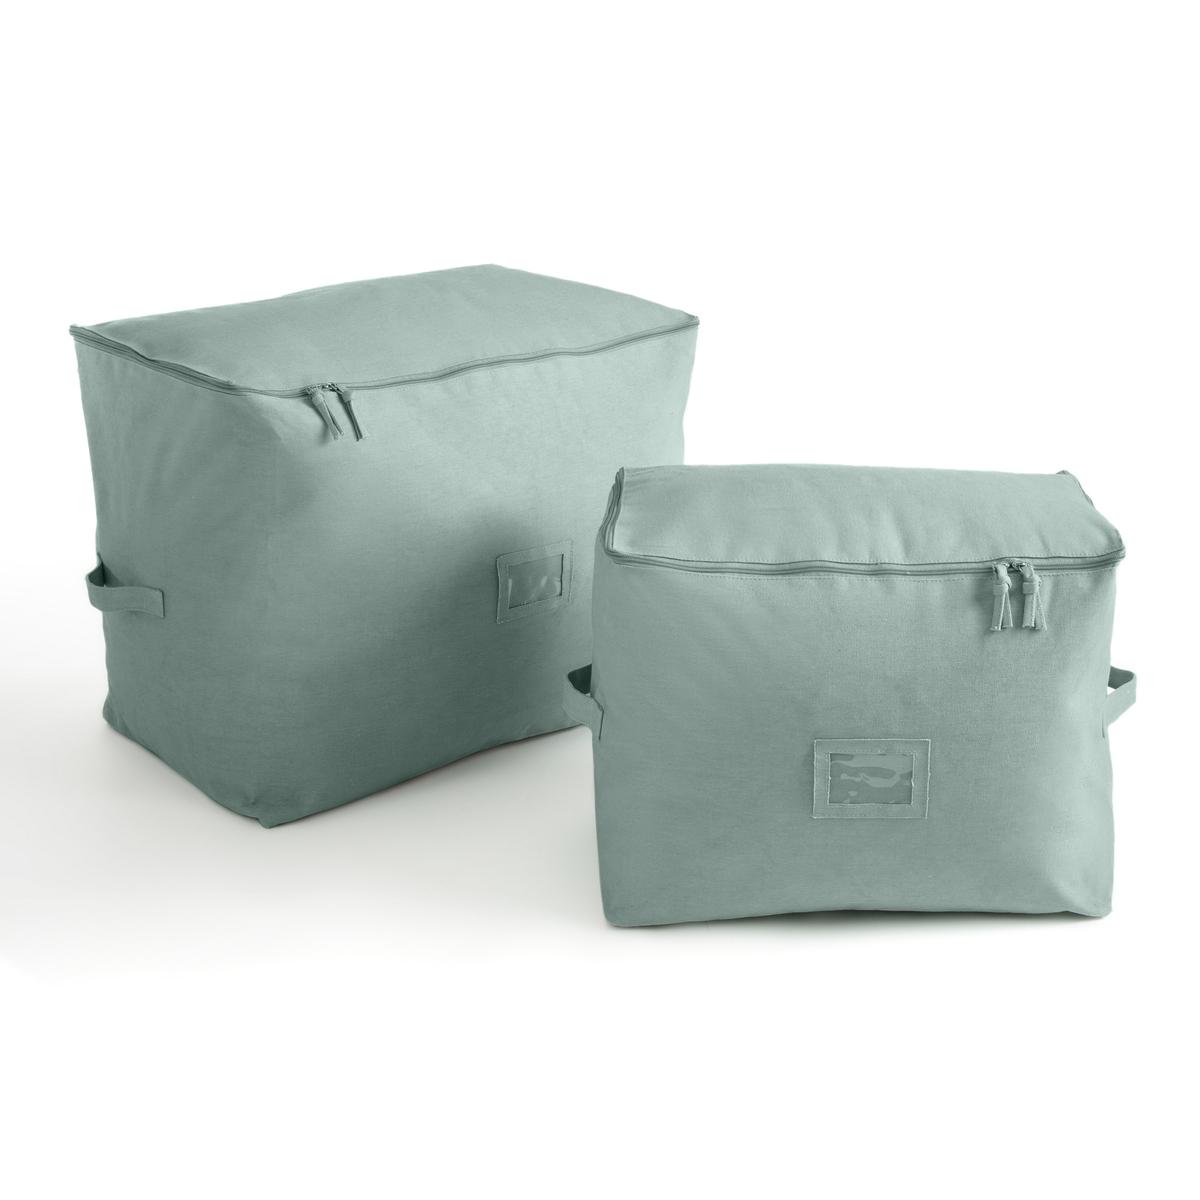 Фото - Комплект из 2 чехлов MIVILLE La Redoute La Redoute единый размер зеленый коробка рыжий кот 33х20х13см 8 5л д хранения обуви пластик с крышкой